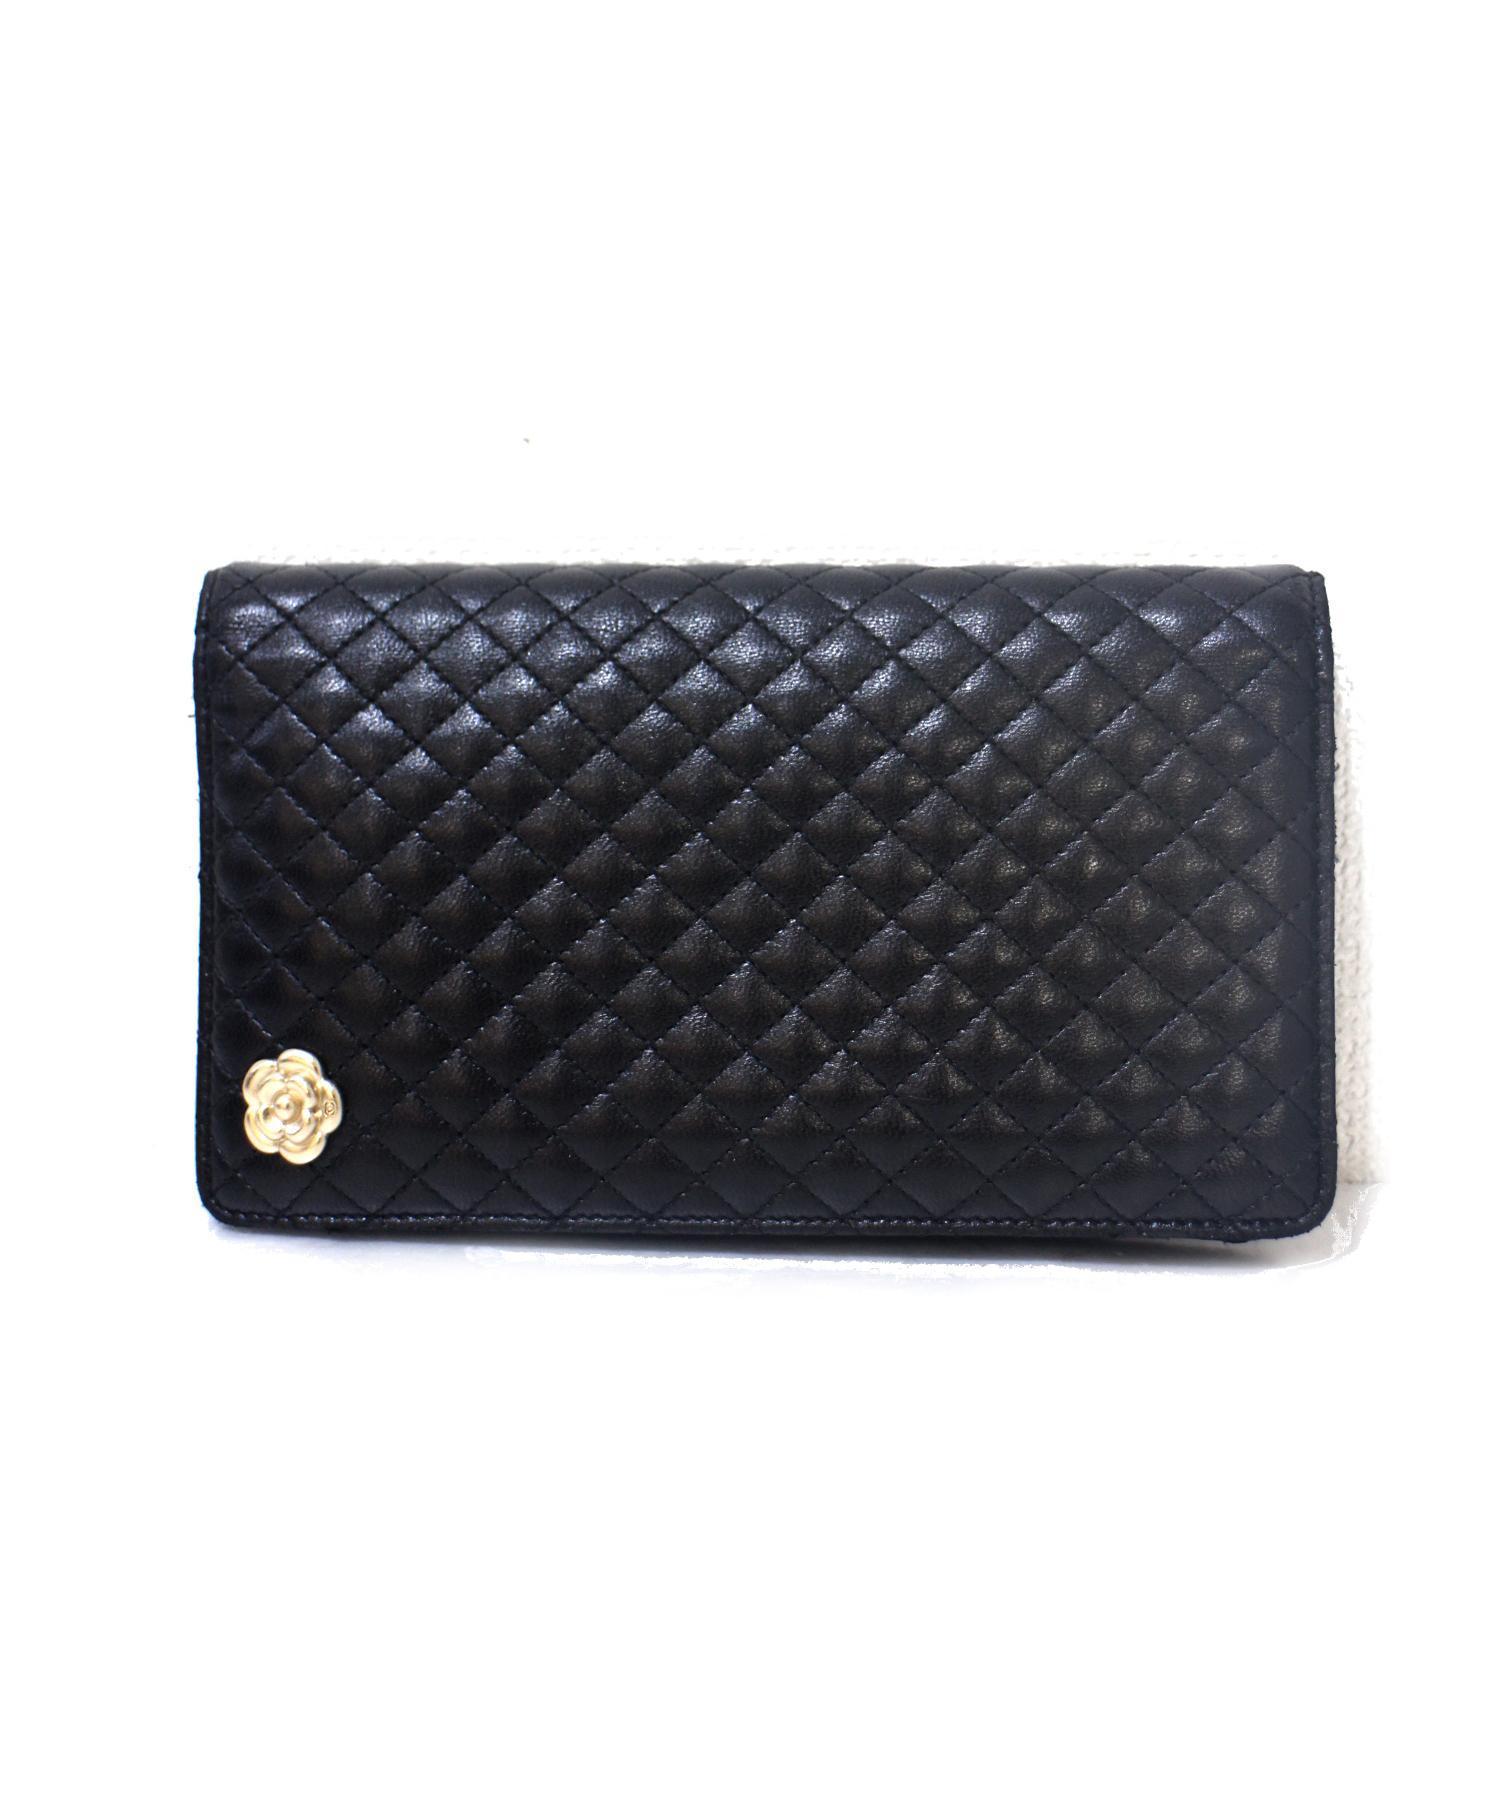 san francisco dc781 cba3a [中古]CHANEL(シャネル)のレディース 服飾小物 カメリアモチーフレザー長財布